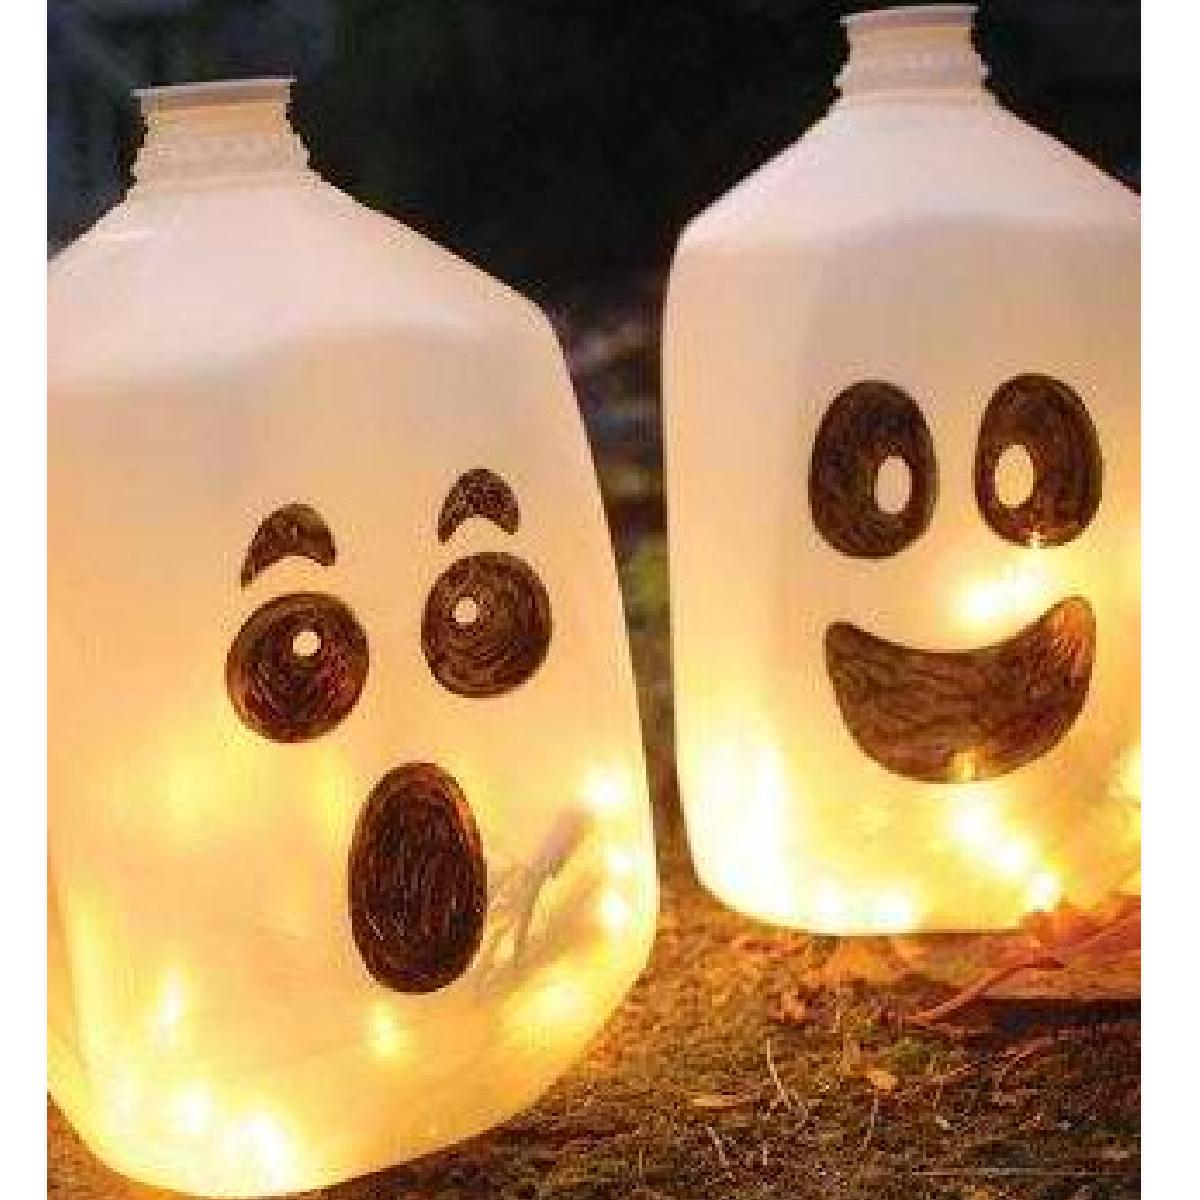 Cadeaux 2 Ouf Id Es De Cadeaux Insolites Et Originaux Halloween 10 Objets Insolites Pour